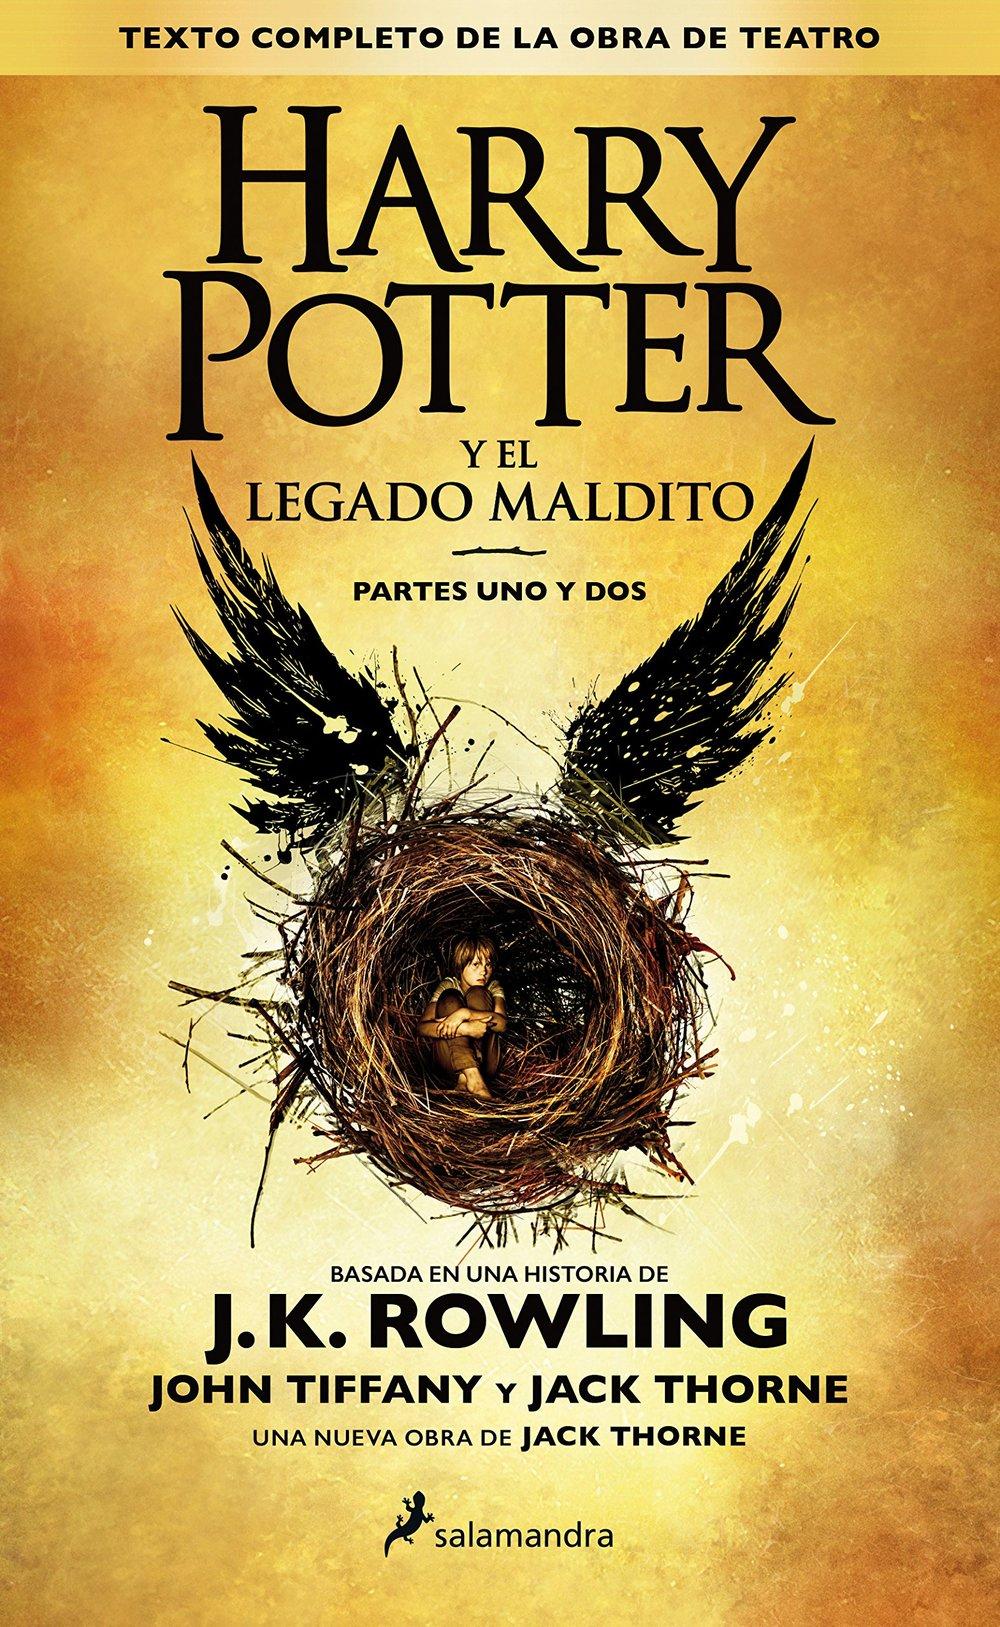 Harry Potter y el Legado Maldito.jpg